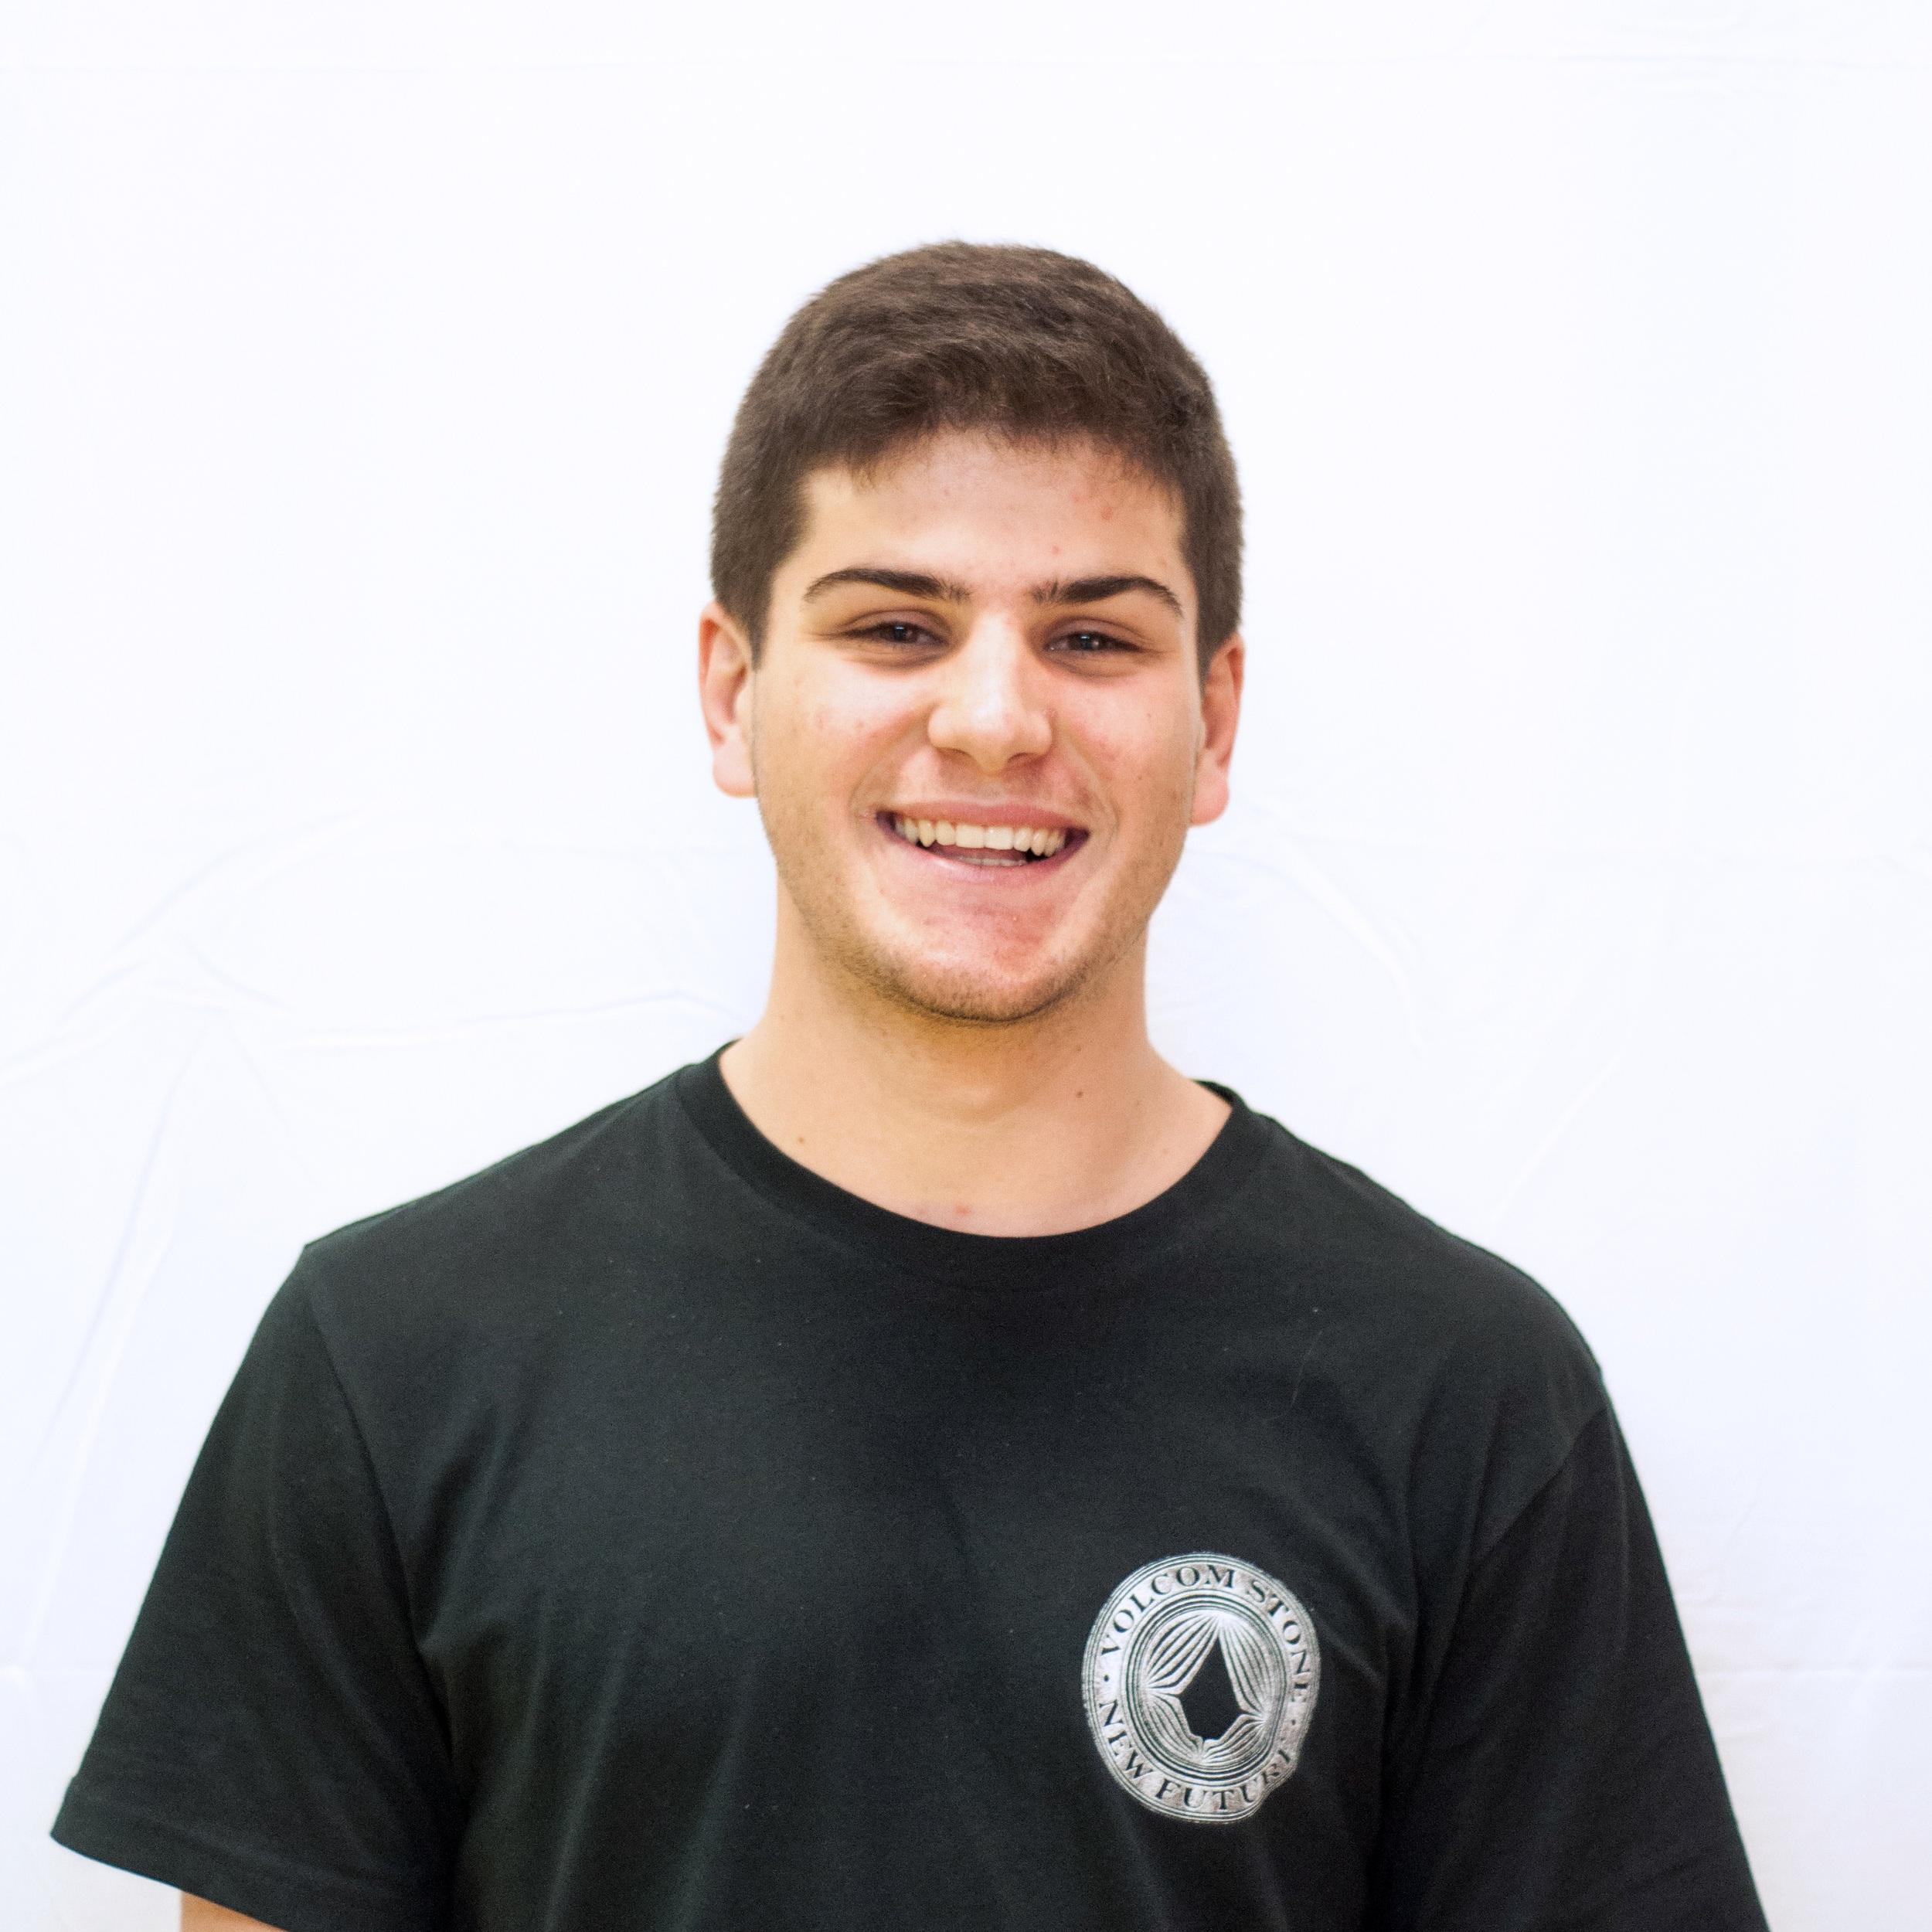 Jose Tiemblo - Propulsion Engineer